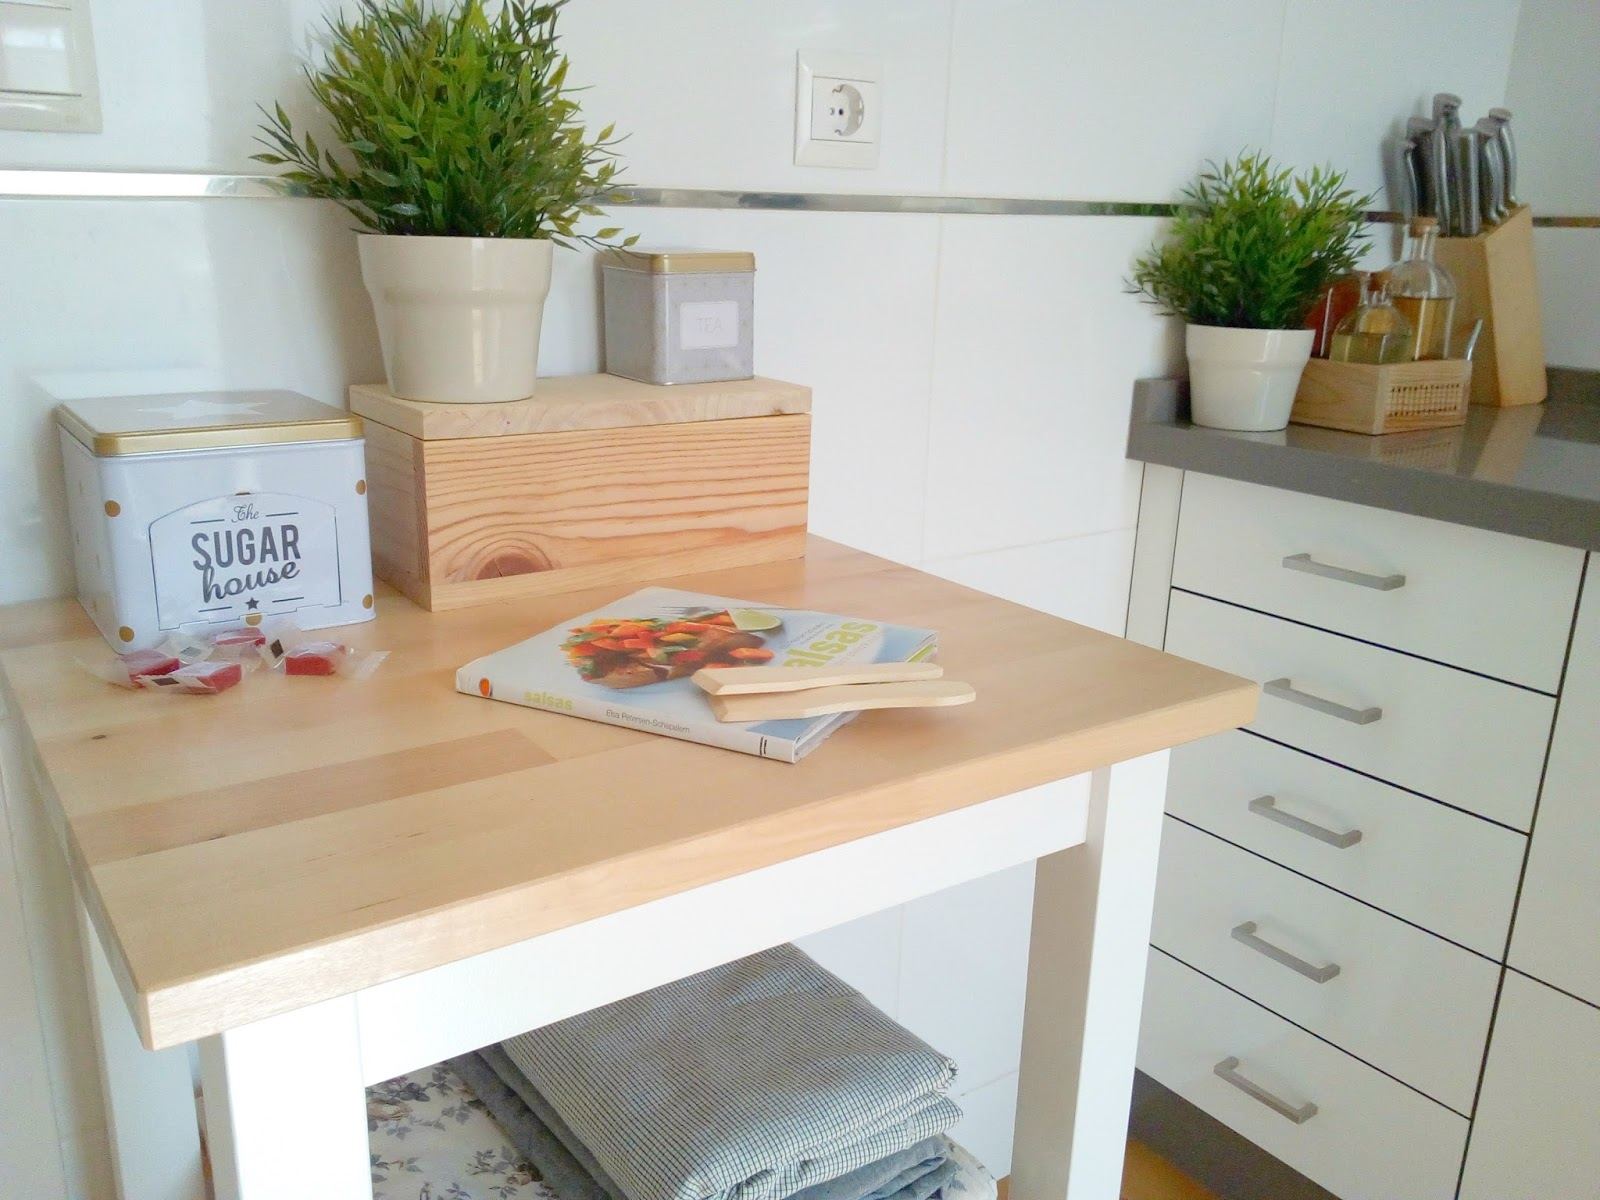 La buhardilla decoraci n dise o y muebles antes y for Mueble camarera cocina